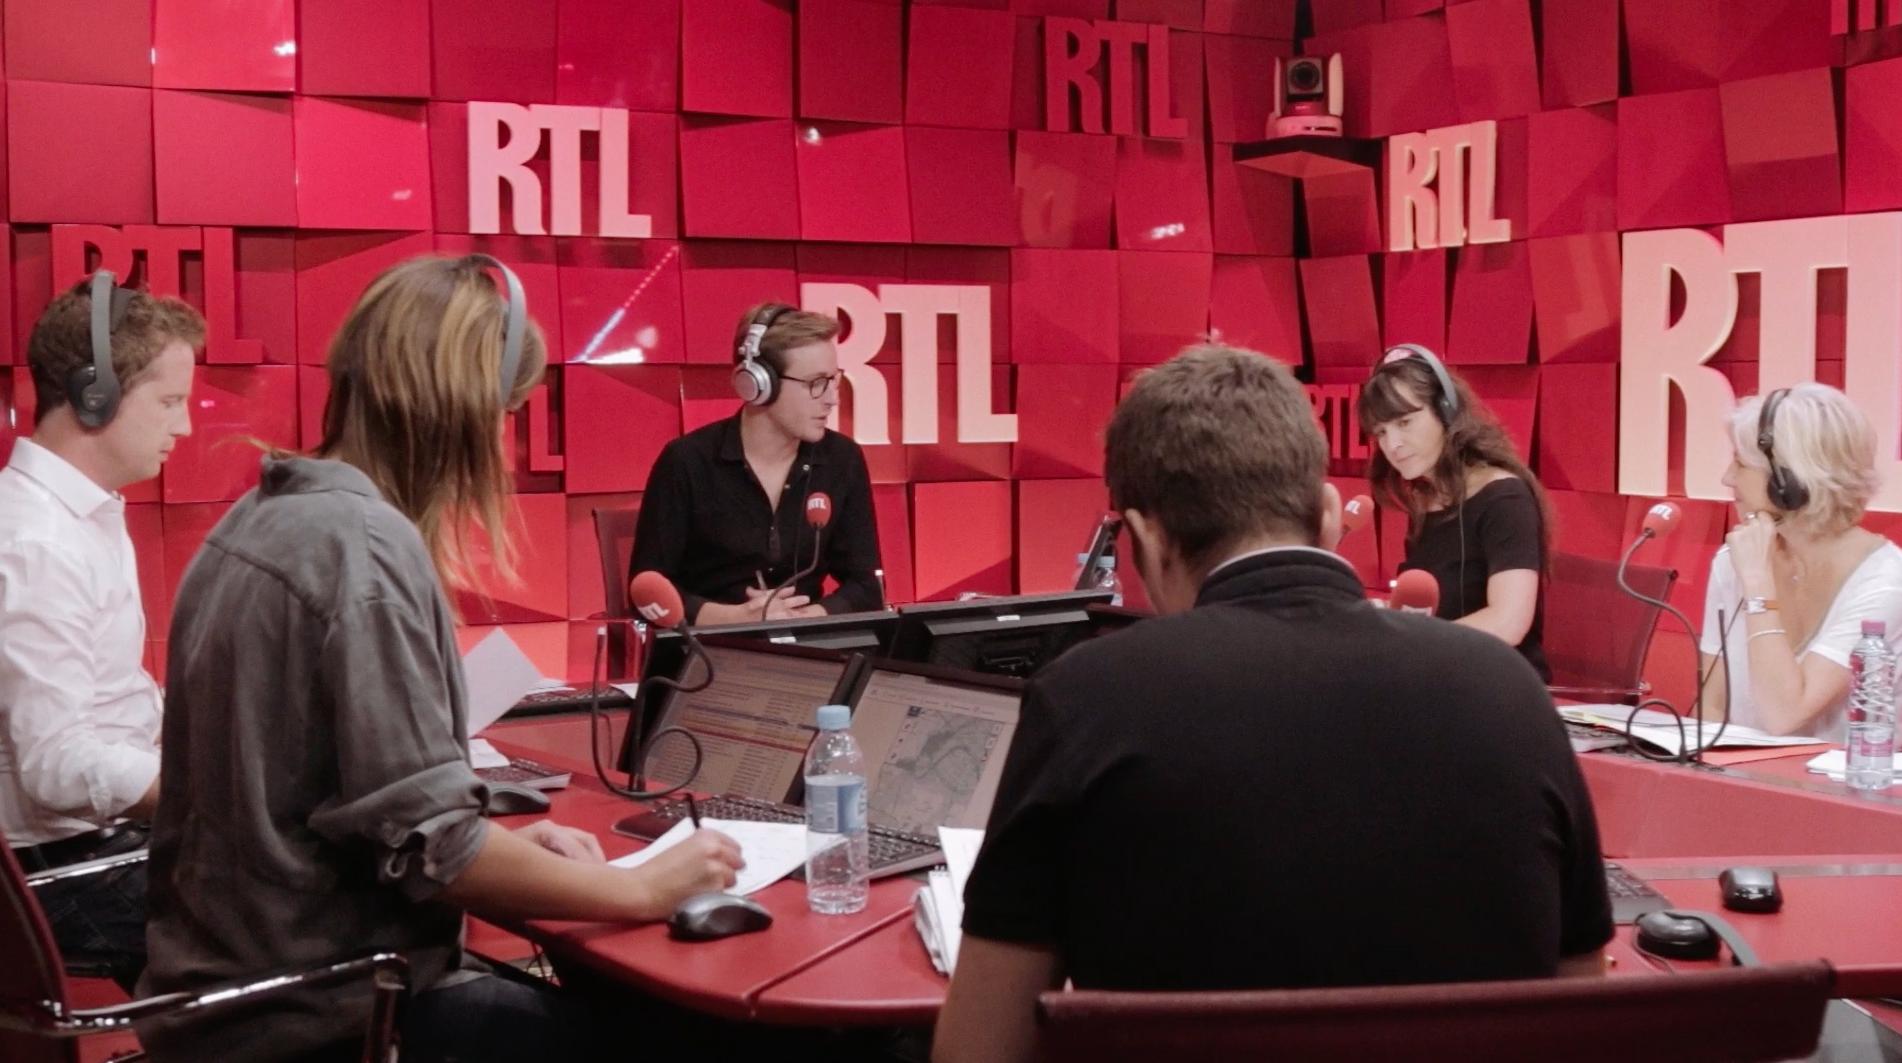 RTL célèbre ses audiences dans une campagne TV